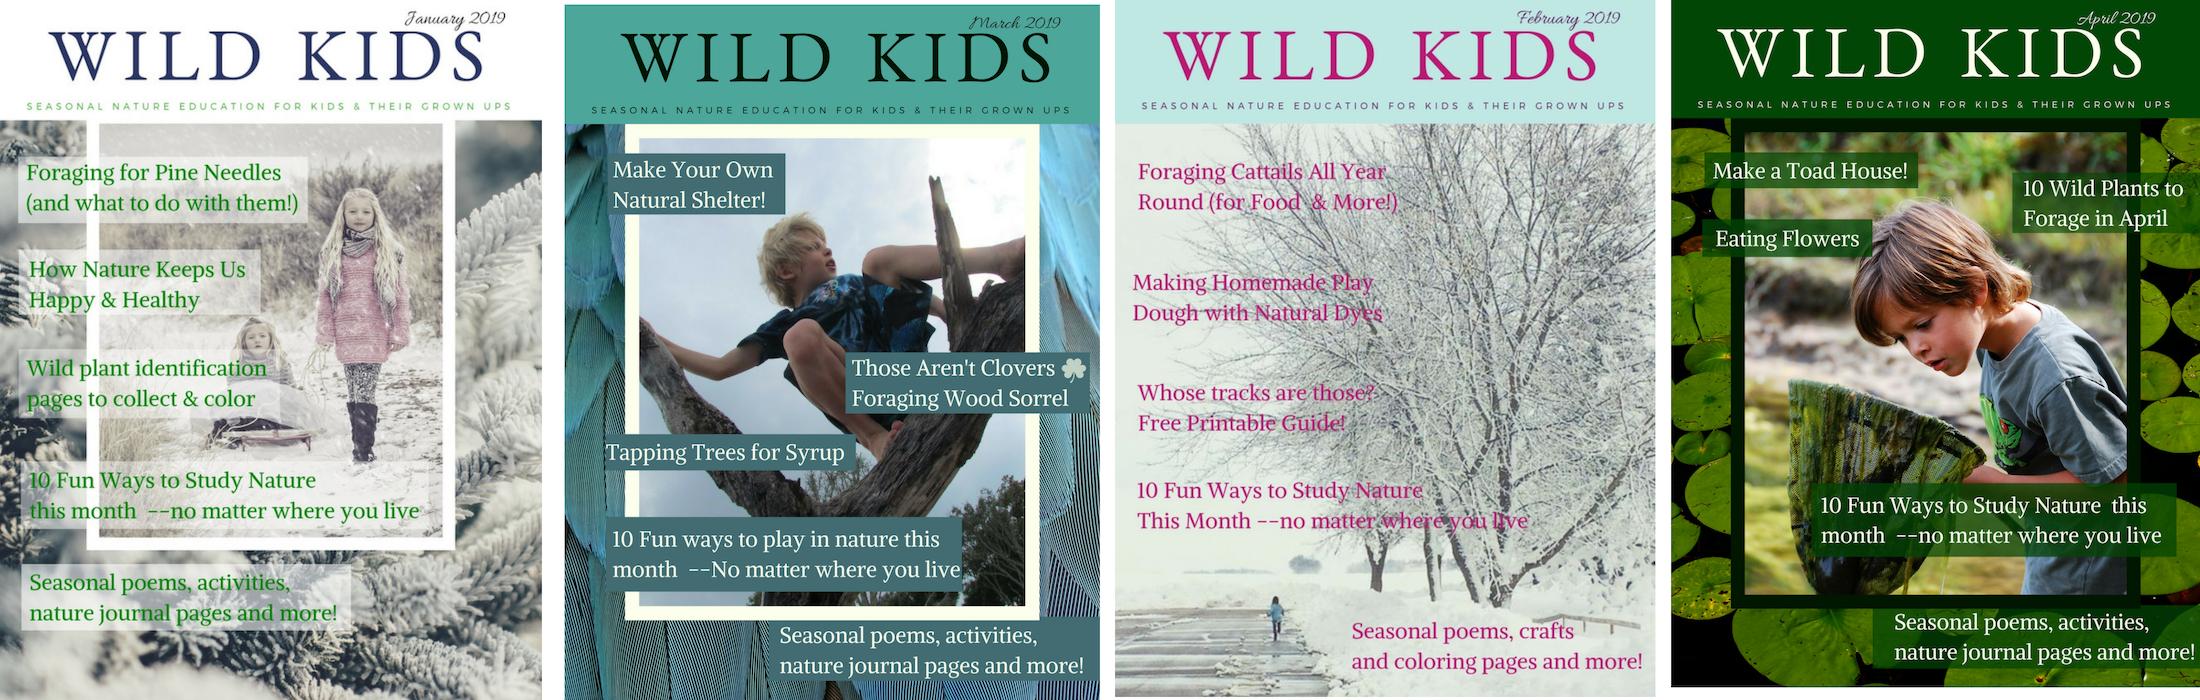 wild kids collage